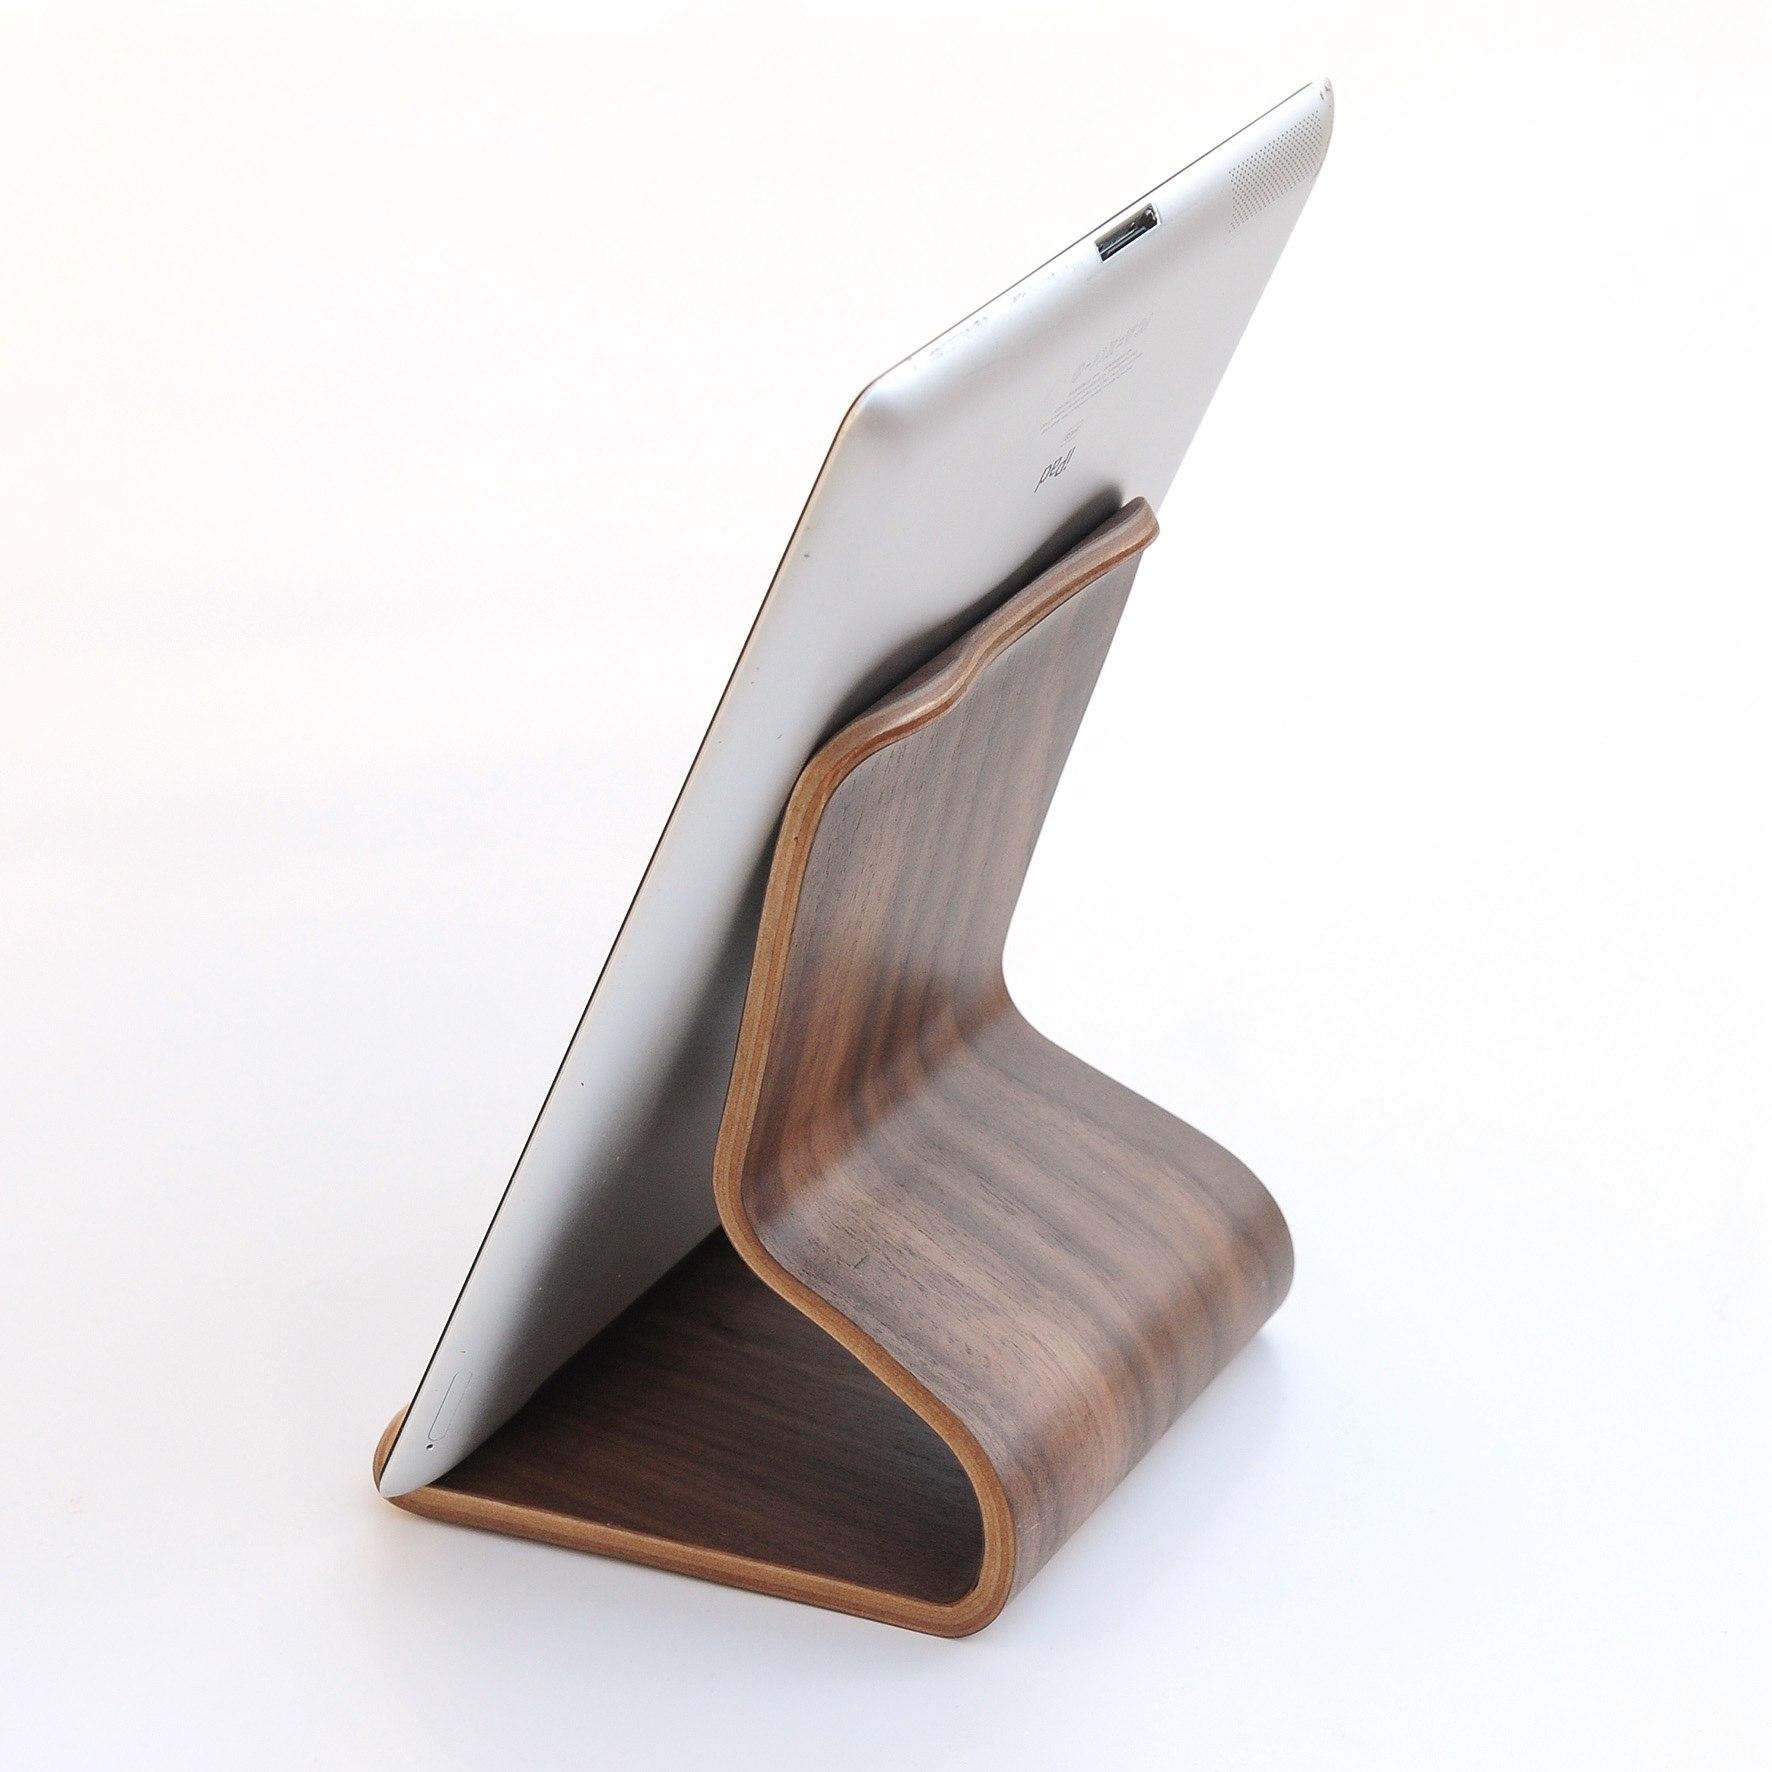 ipad holder til bord Wooden chair stand iPad eller MacBook   iKing.dk sælger  ipad holder til bord